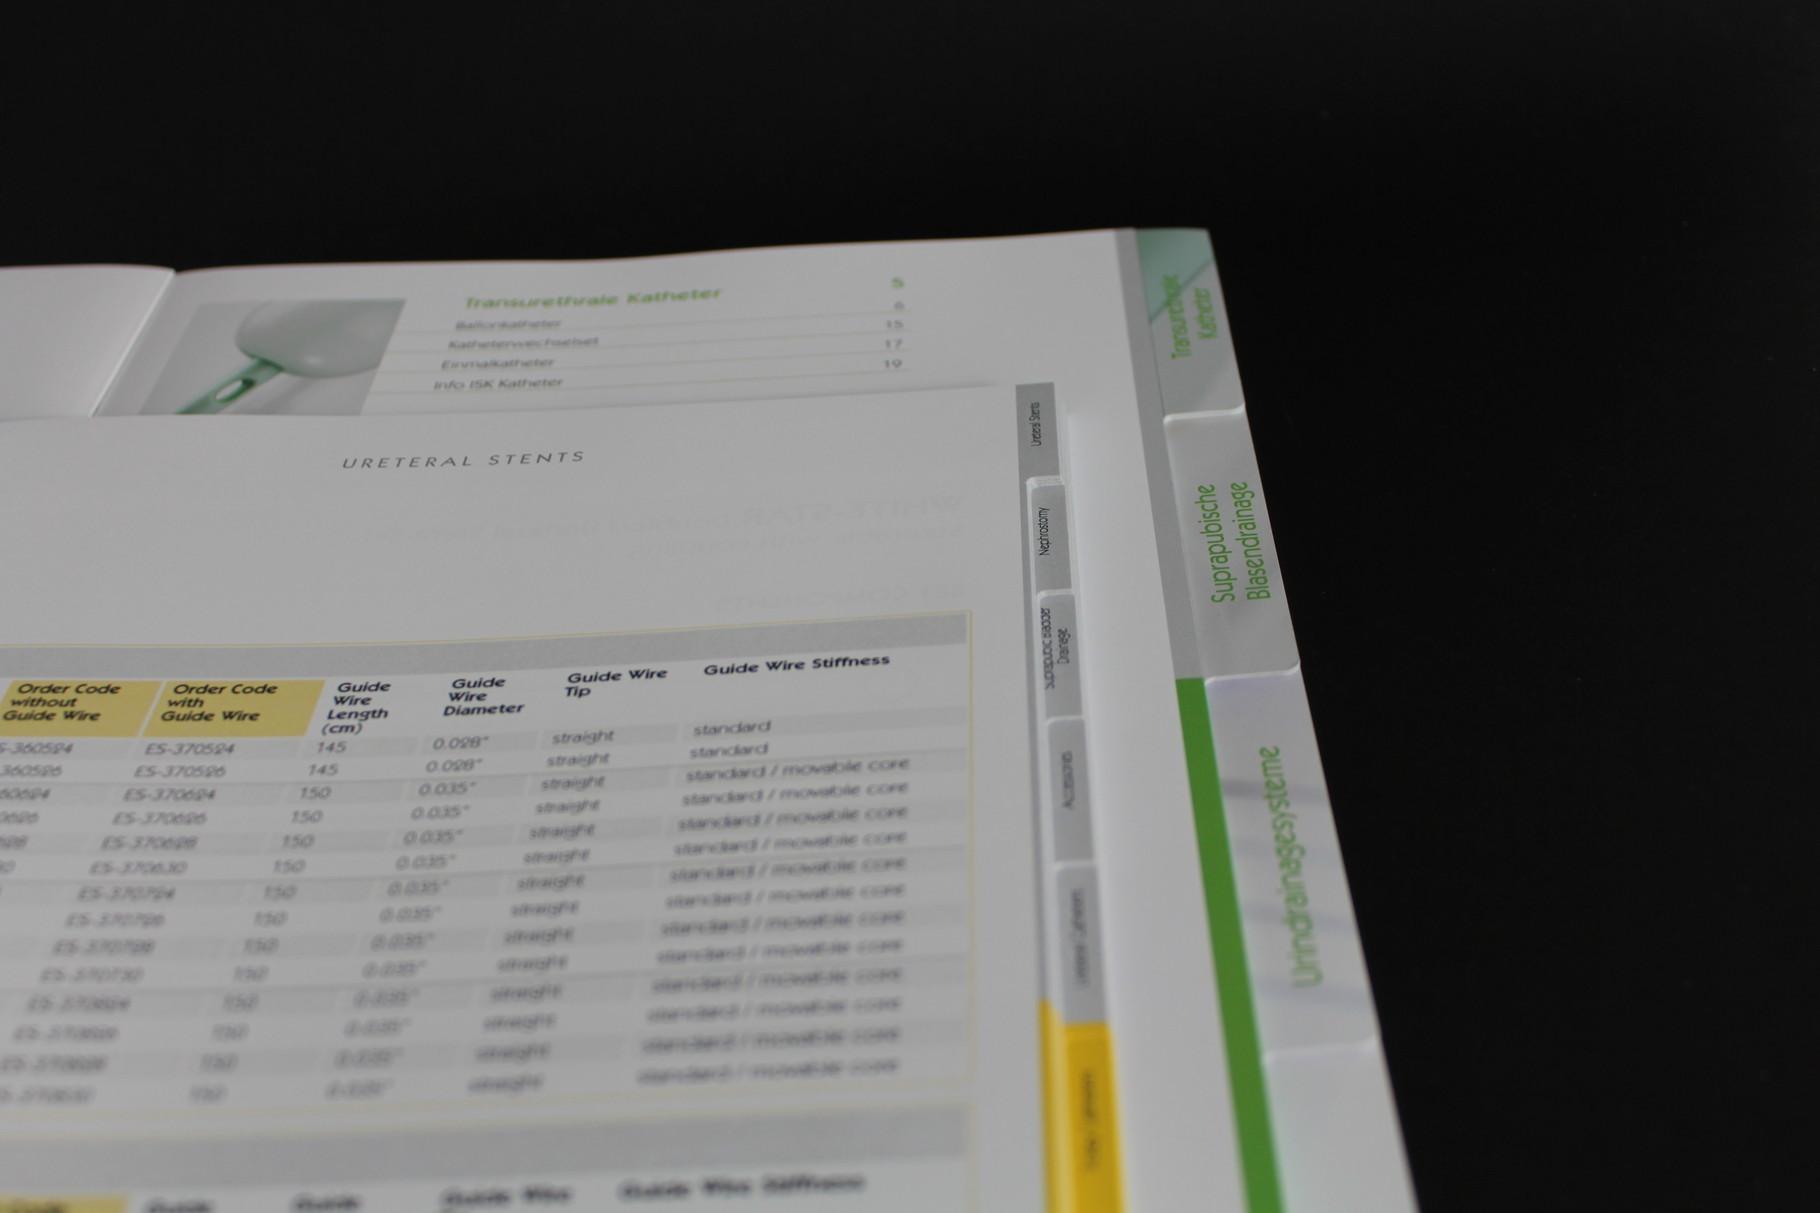 Registerstanzung ab Auflage 1.